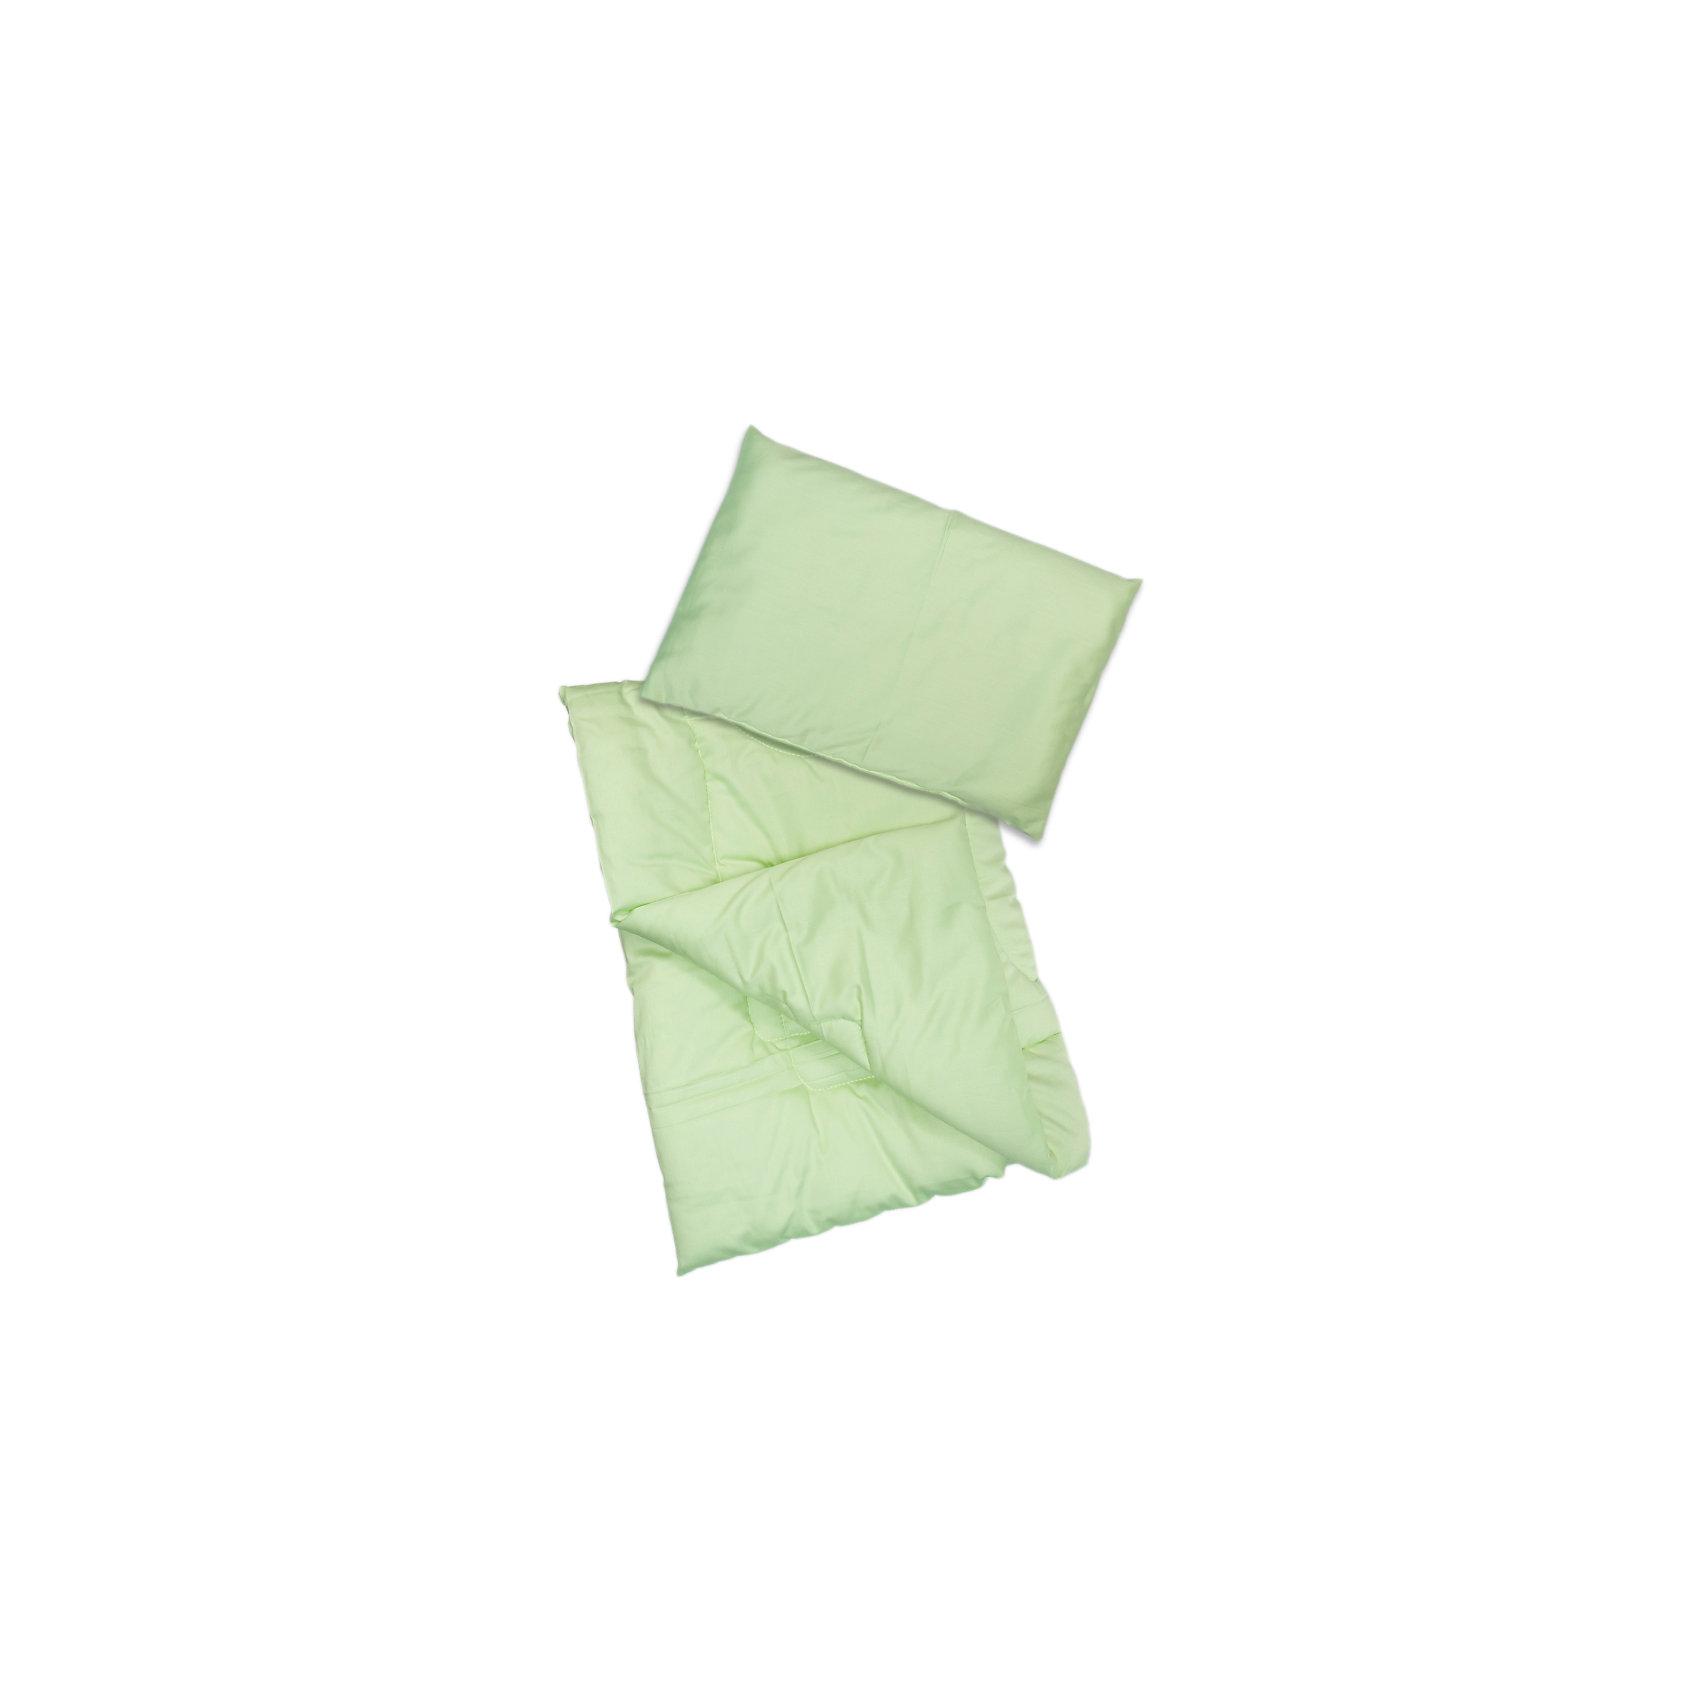 Комплект Одеяло с подушкой Алоэ, 65, Сонный ГномикОдеяла, пледы<br>Комплектация: Одеяло, подушка<br>Размер, см: Одеяло: 110х140, Подушка: 40х60<br>Материал: Тик (100% хлопок)<br>Наполнитель: Алоэ вера (25%), экофайбер (75%, пэ)<br><br>Ширина мм: 65<br>Глубина мм: 15<br>Высота мм: 75<br>Вес г: 900<br>Возраст от месяцев: 0<br>Возраст до месяцев: 36<br>Пол: Унисекс<br>Возраст: Детский<br>SKU: 5454107